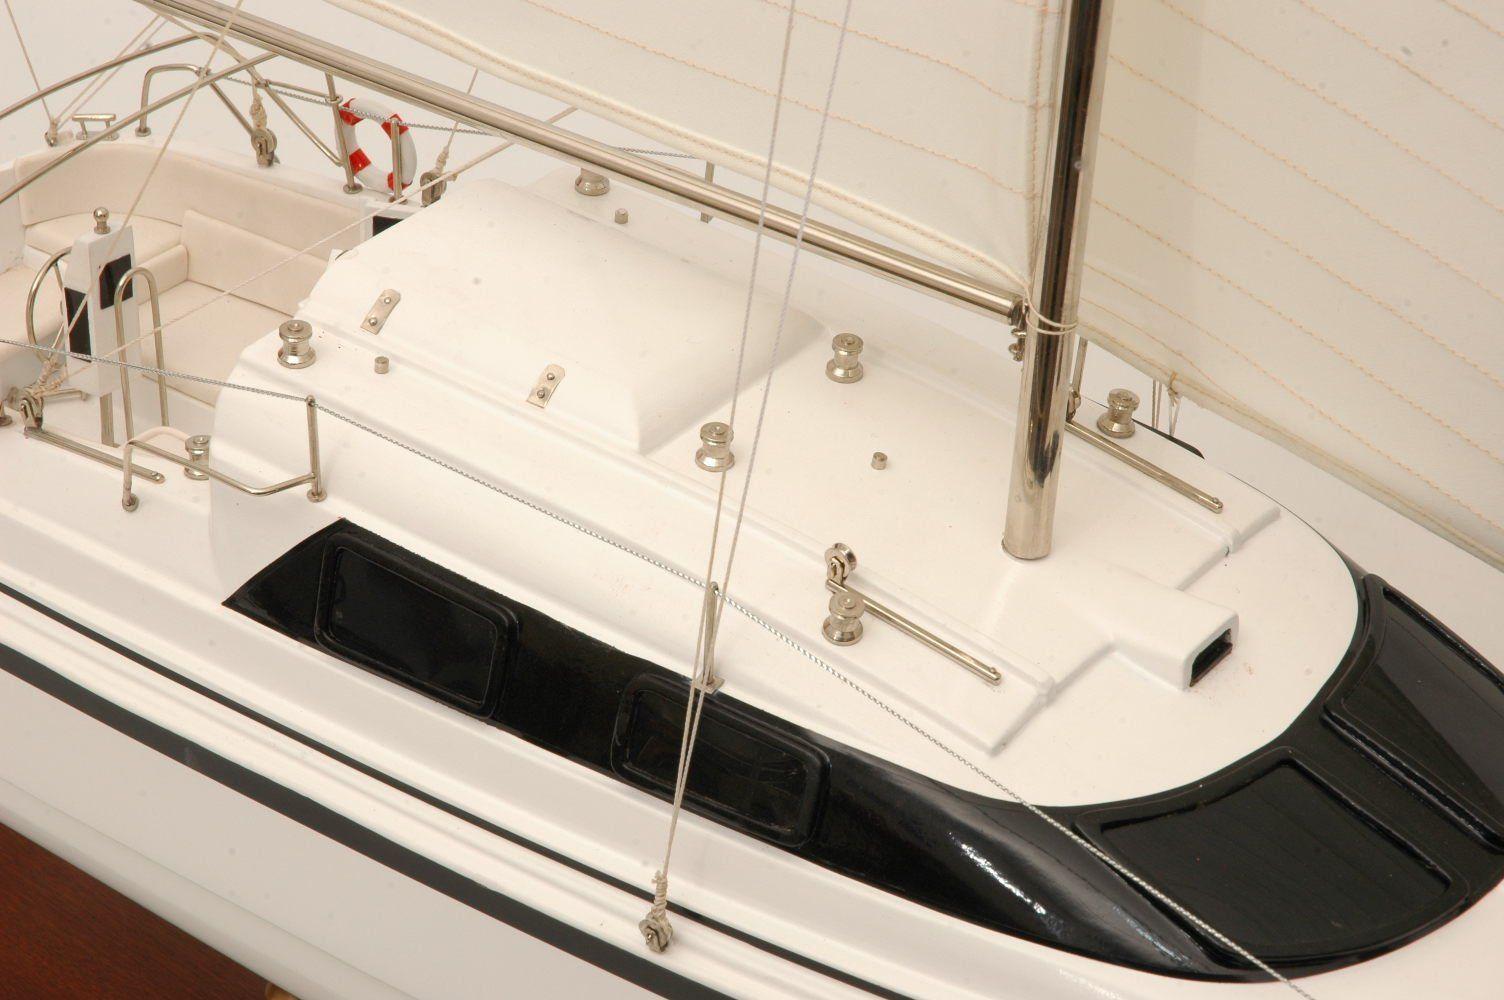 554-5991-Triple-Wai-model-yacht